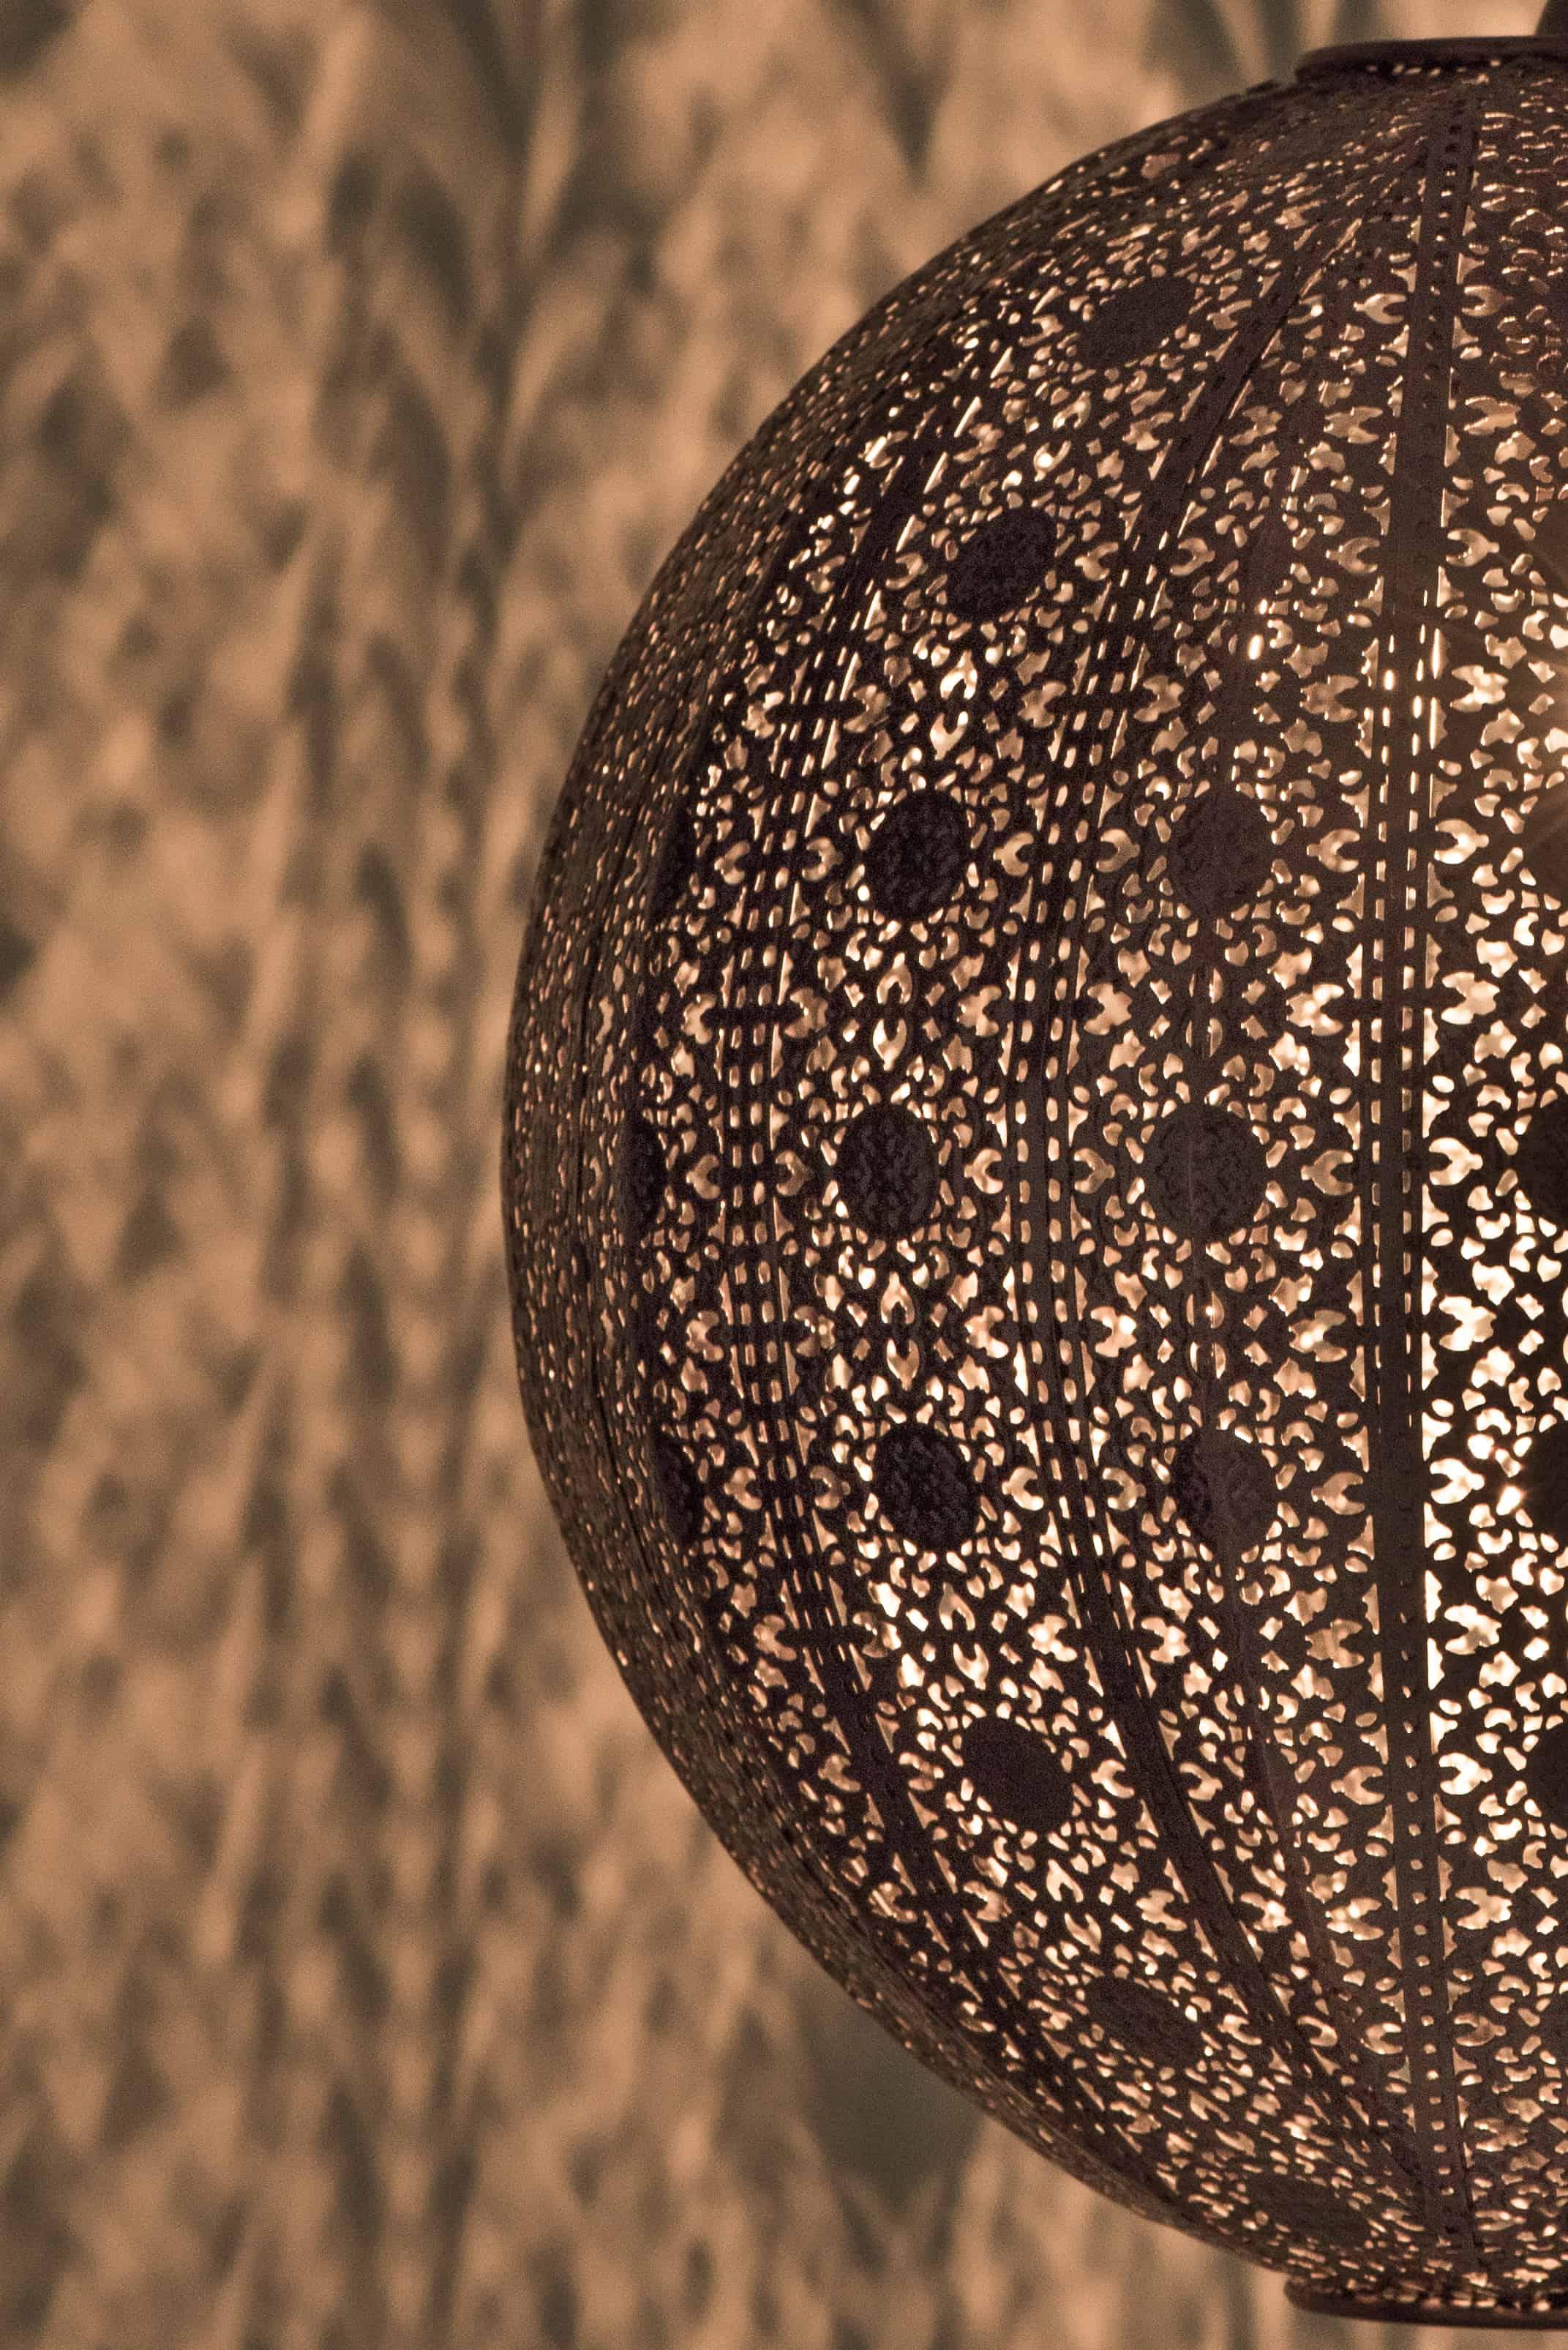 紅銅刷黑蕾絲花邊圓形吊燈-BNL00075 3